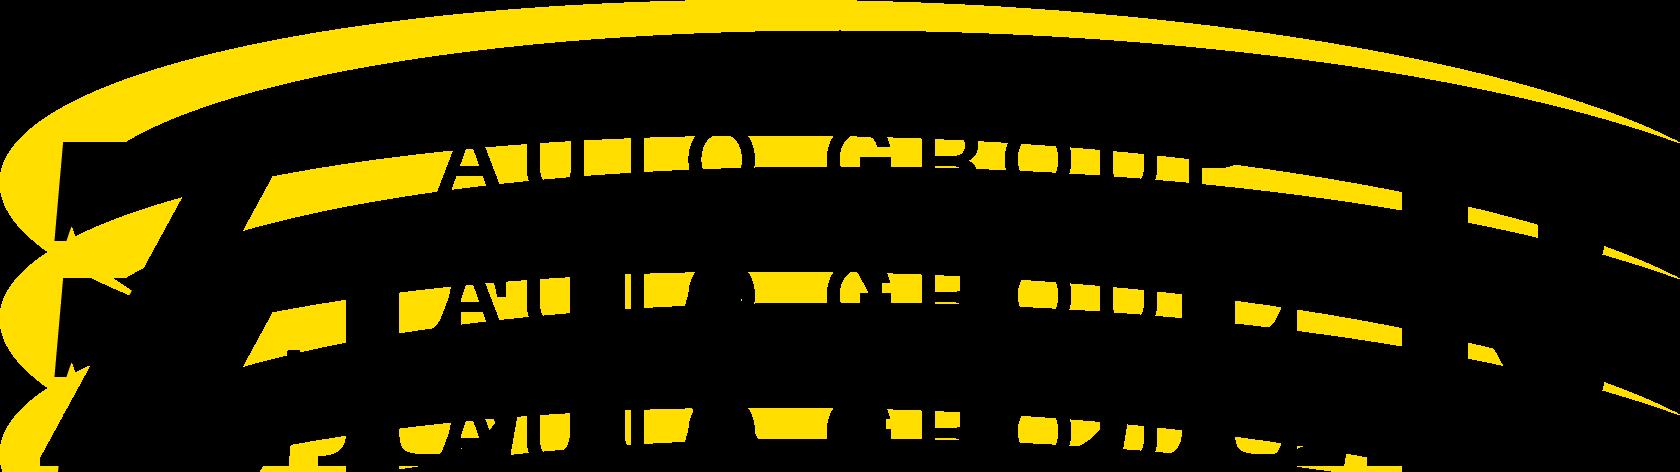 zeigler auto group logo